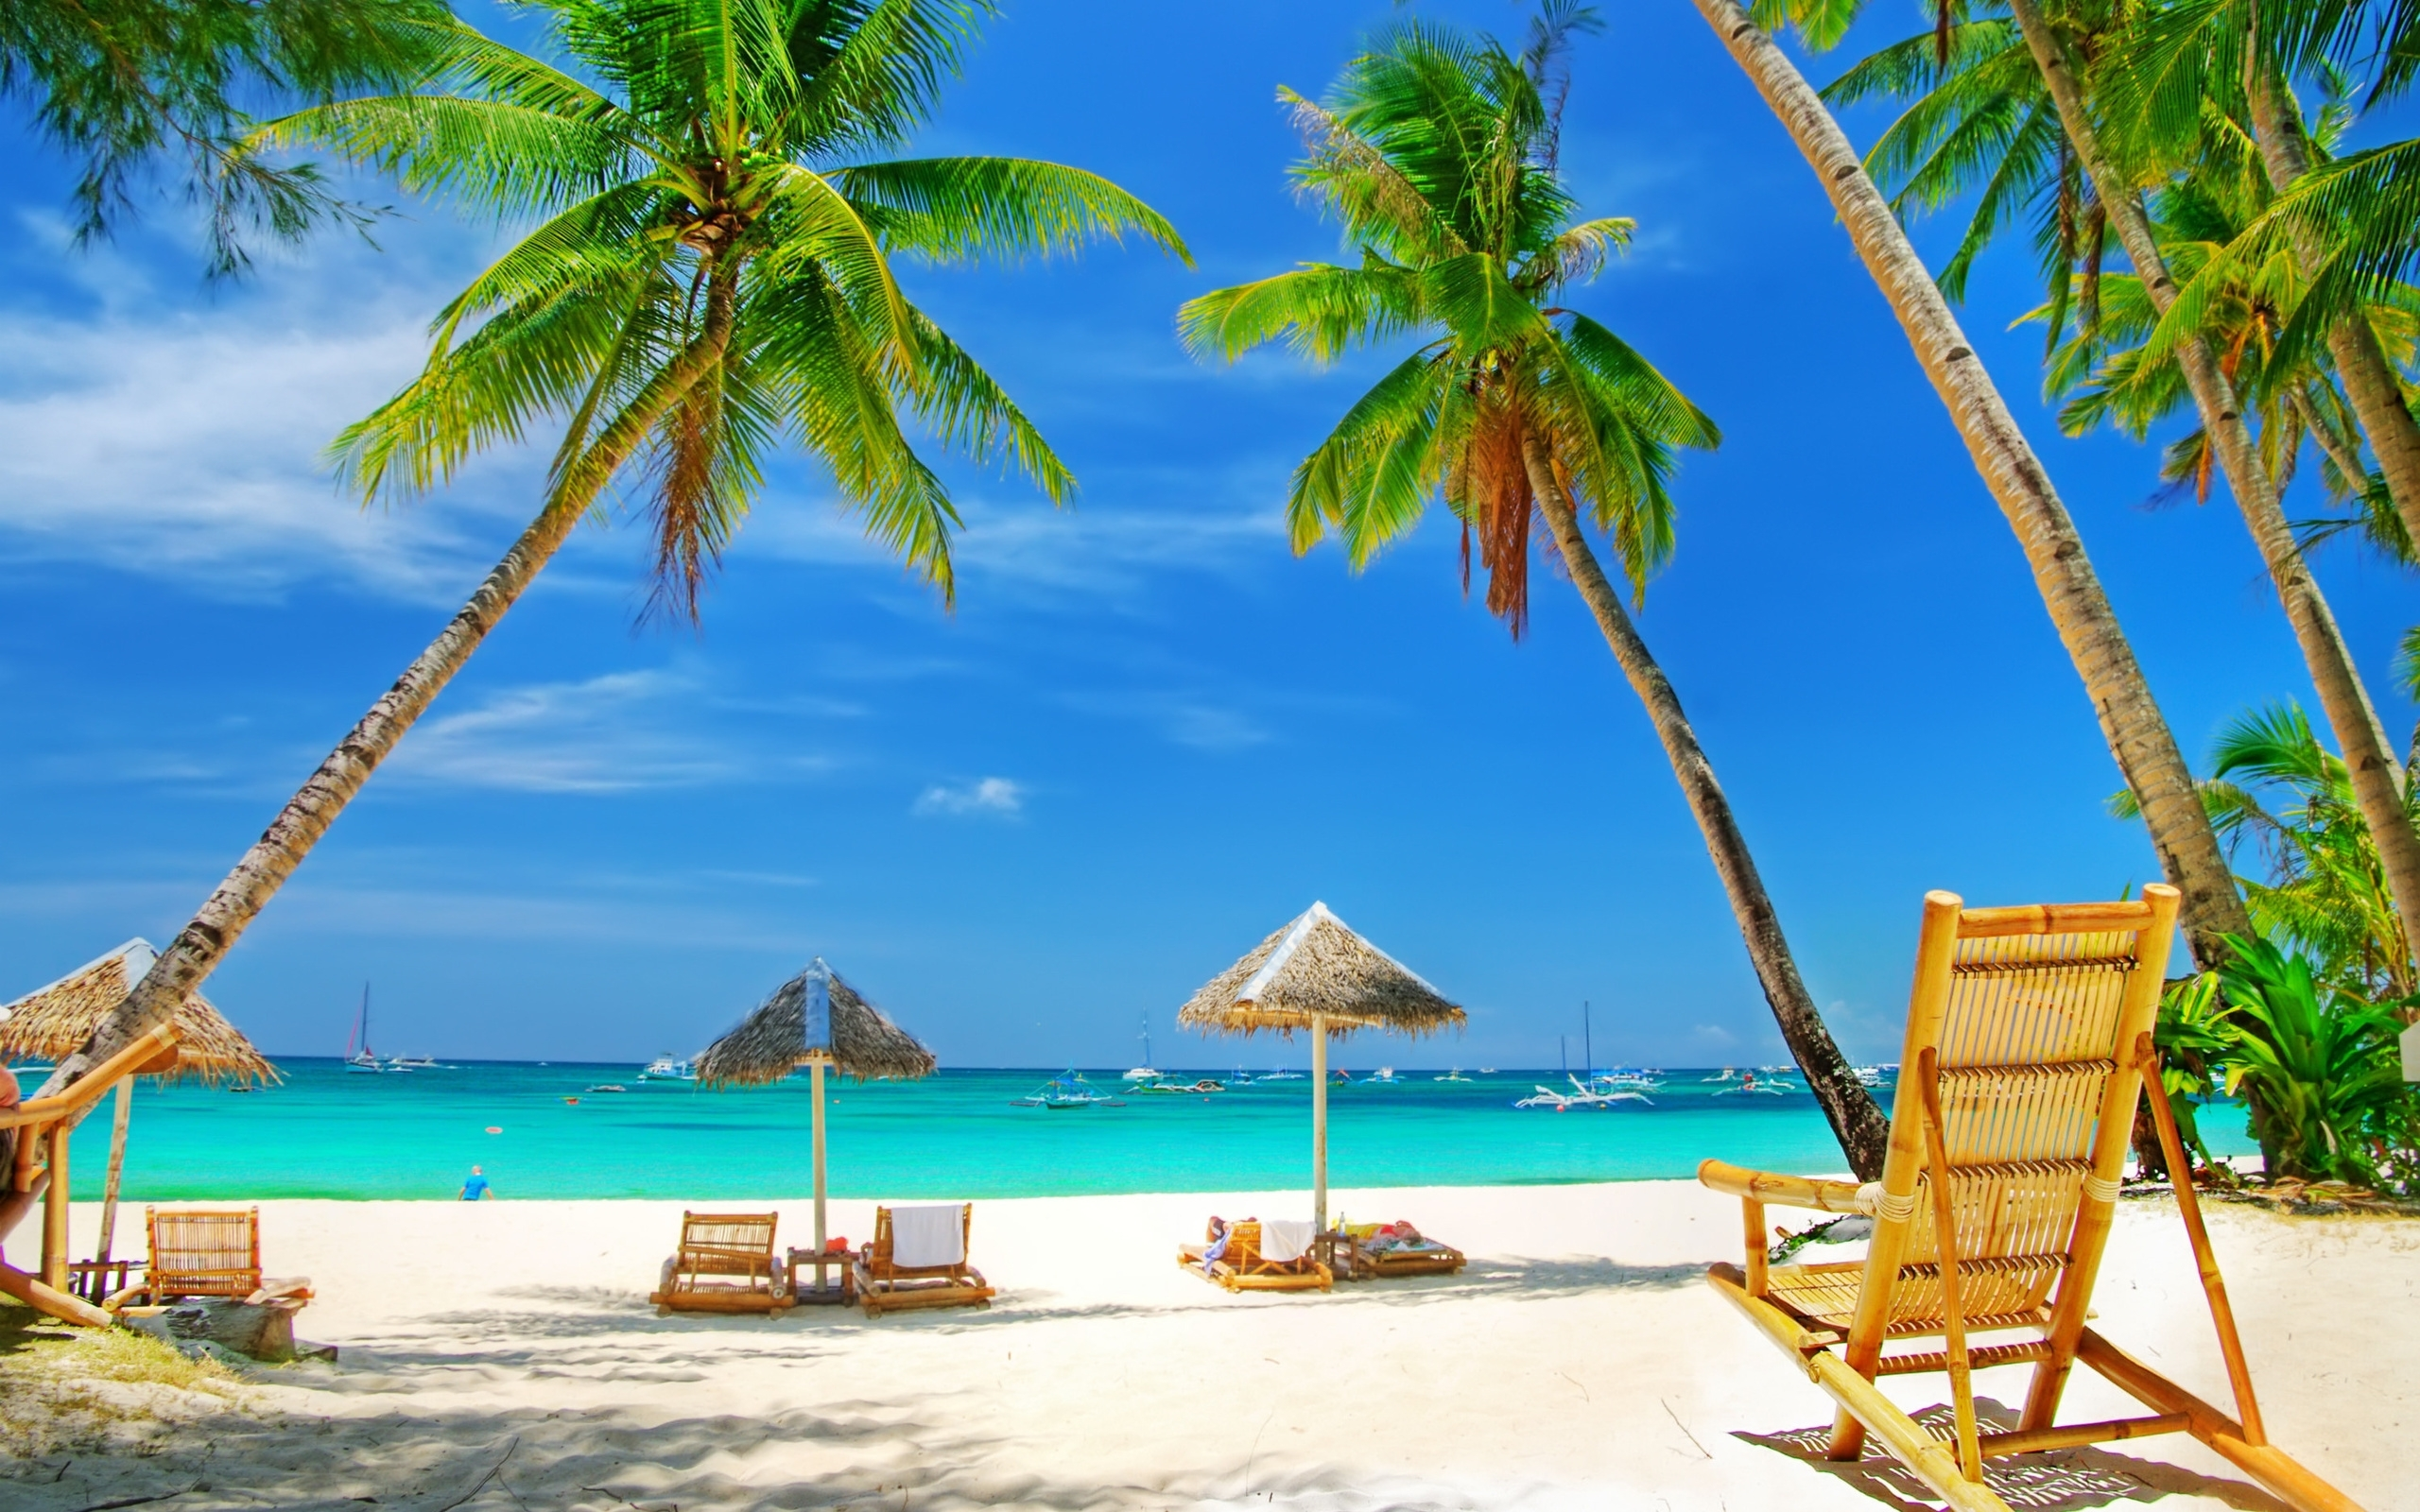 24971壁紙のダウンロード風景, 海, ビーチ, パームス-スクリーンセーバーと写真を無料で